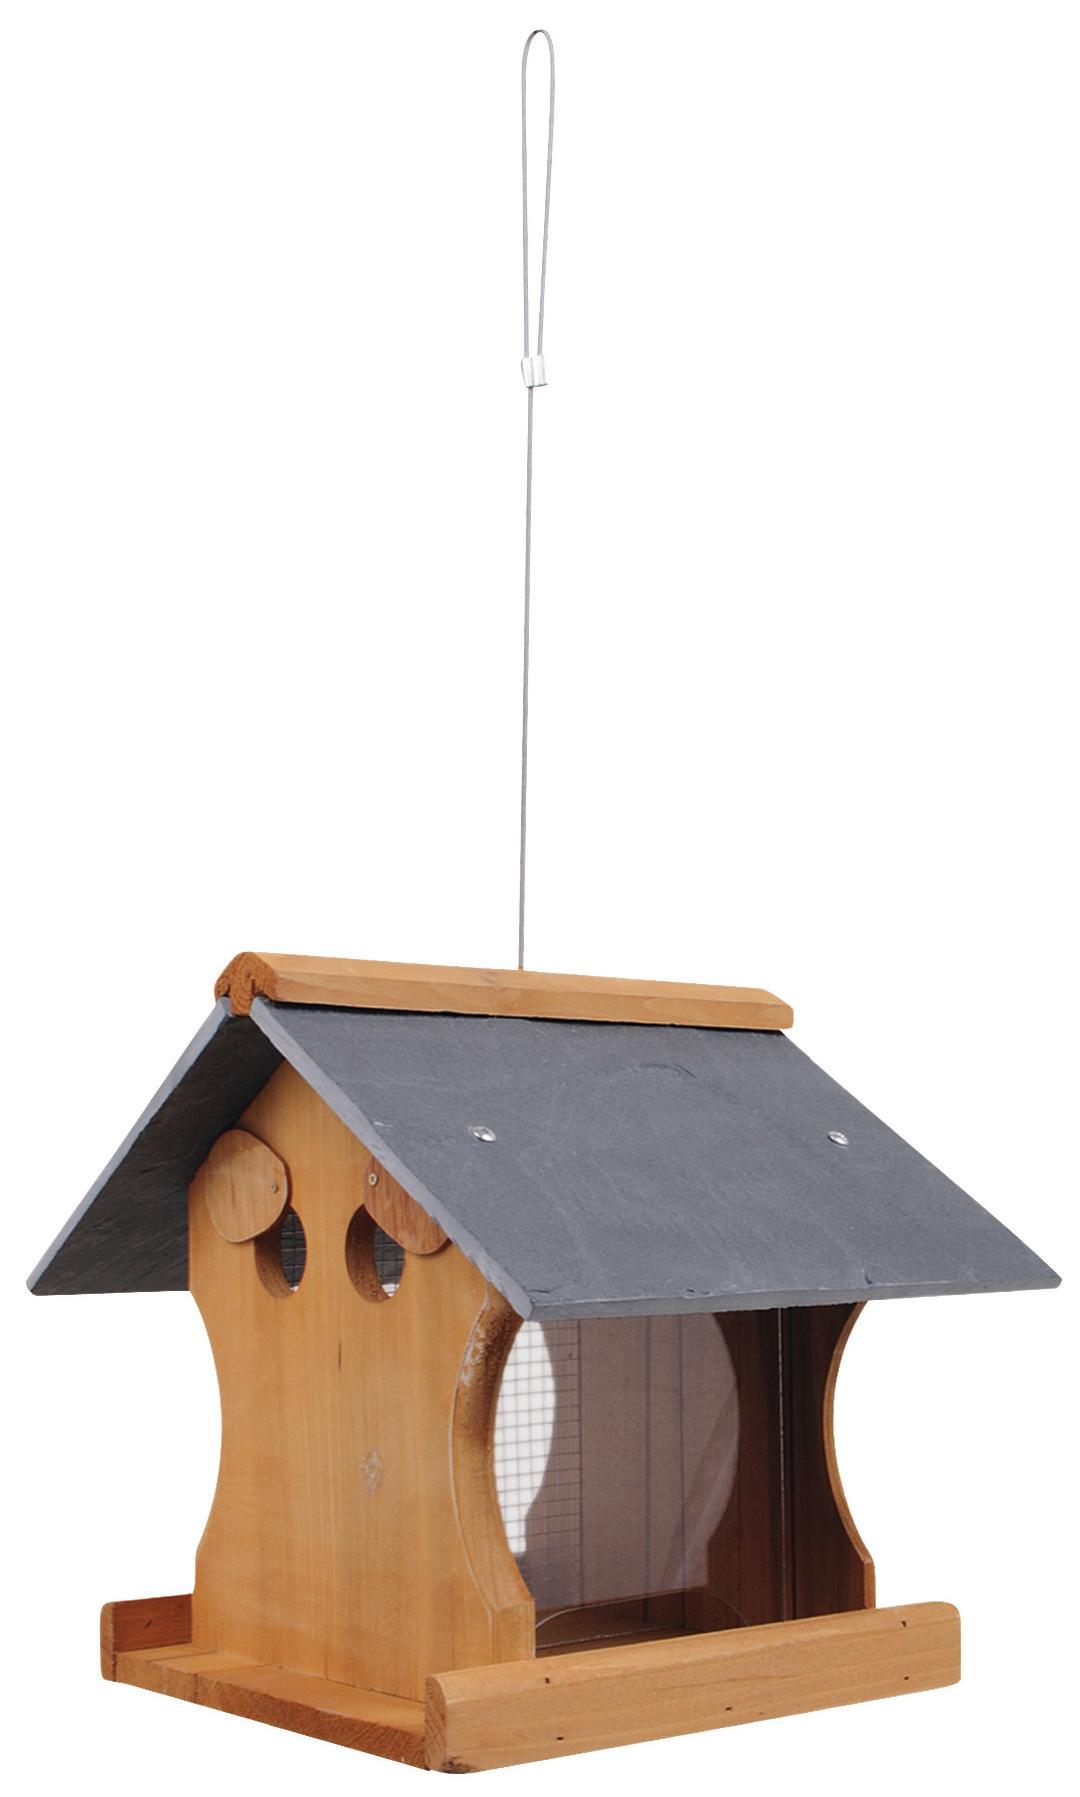 futterhaus vogelhaus 27x32cm zum aufh ngen zedern holz. Black Bedroom Furniture Sets. Home Design Ideas